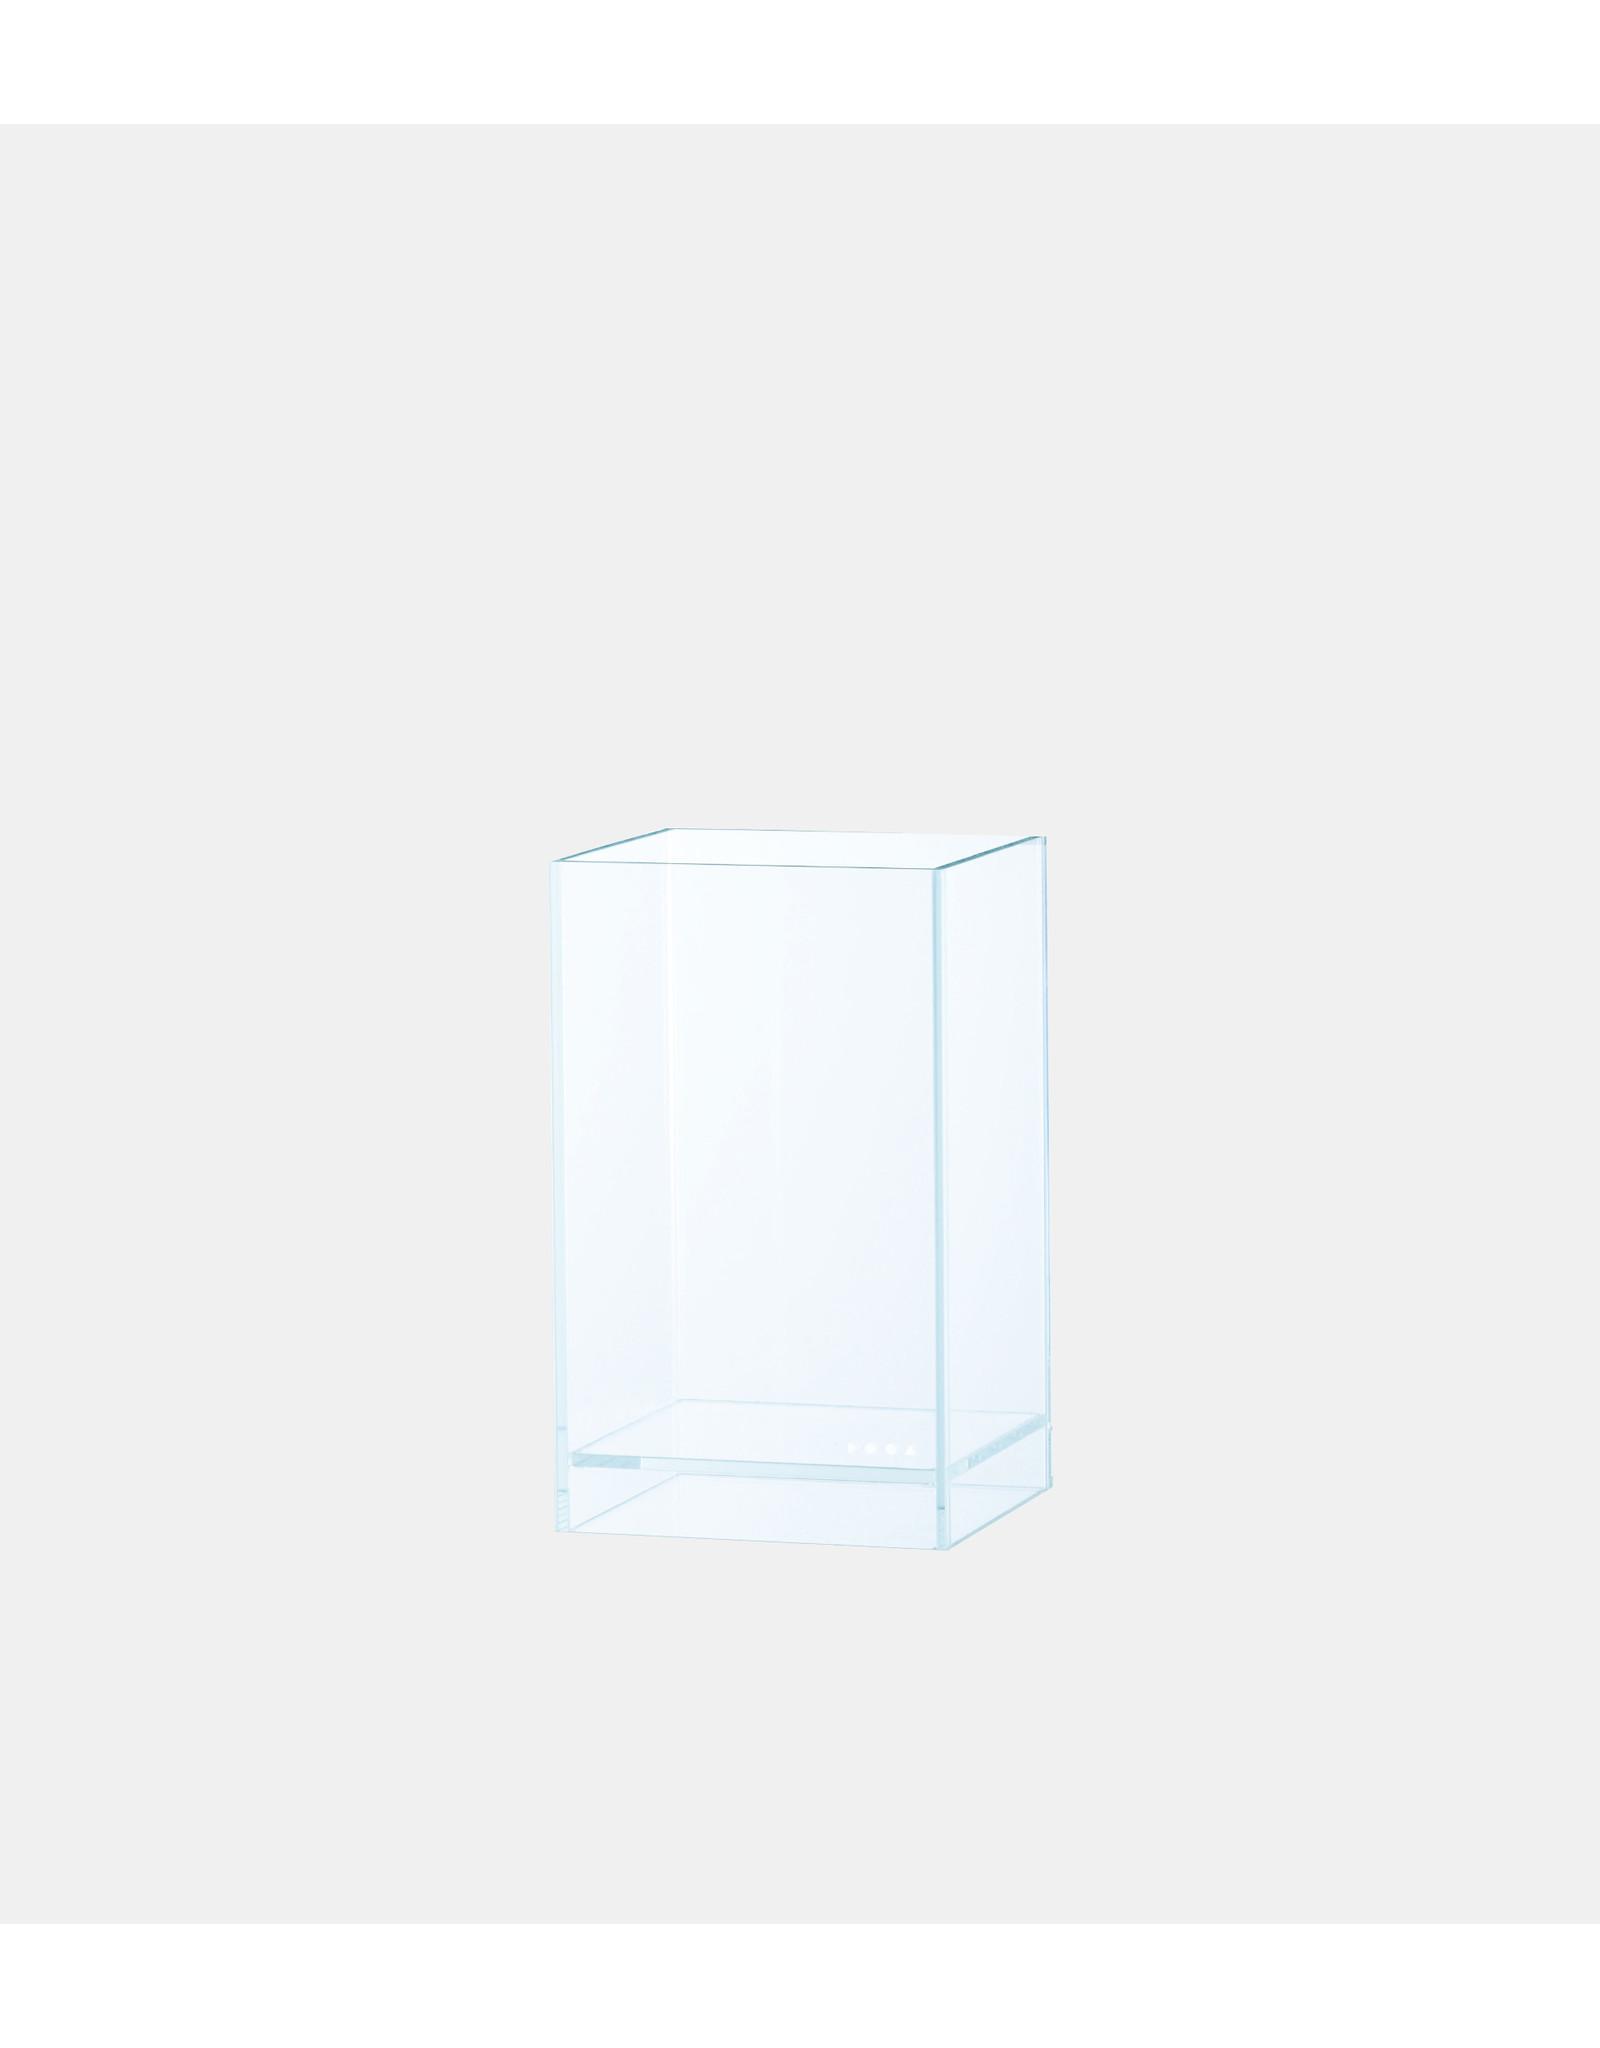 DOOA DOOA Neo Glass AIR 30x30x45cm